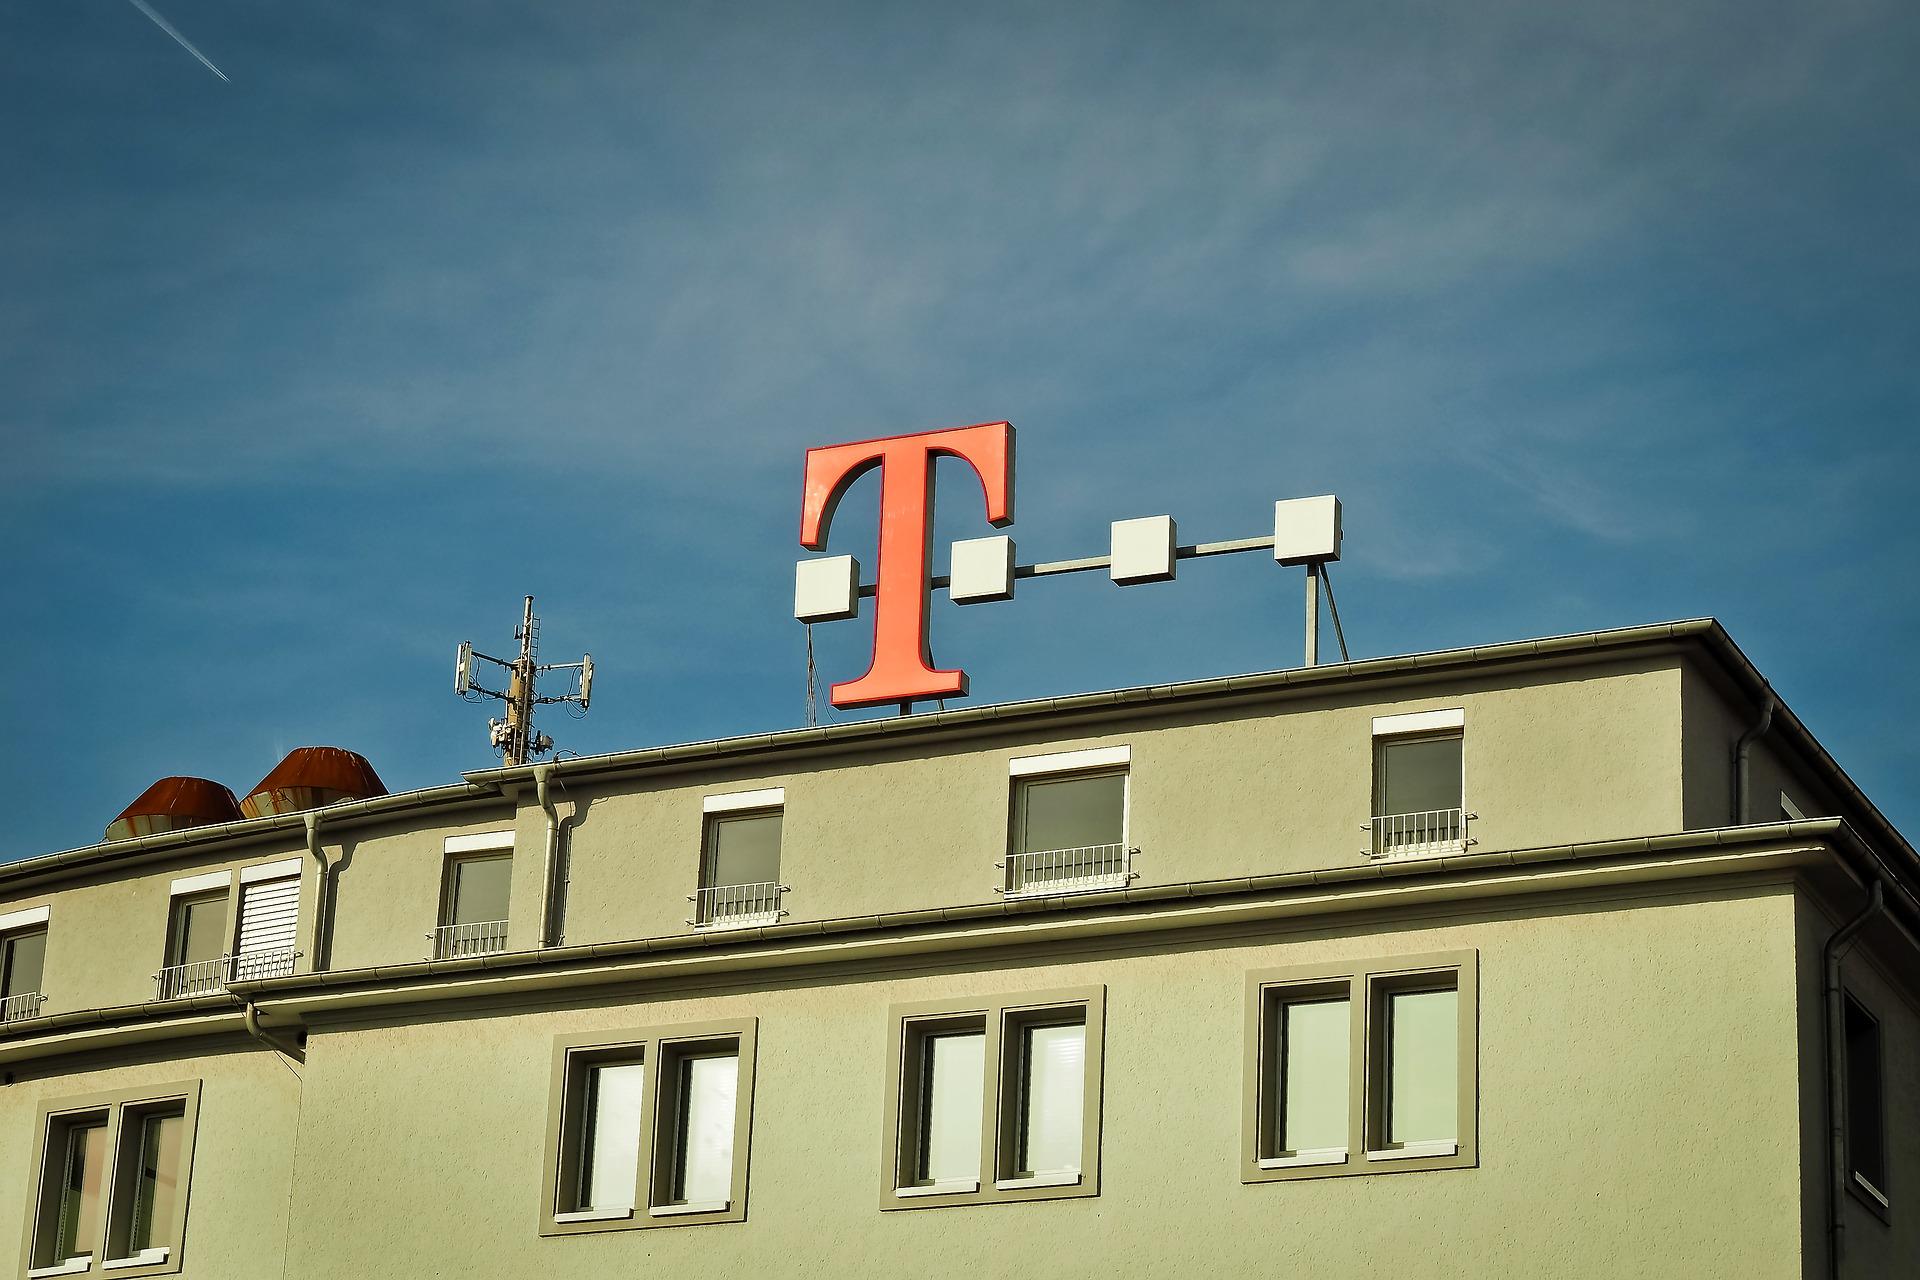 Telekom Kunden Email